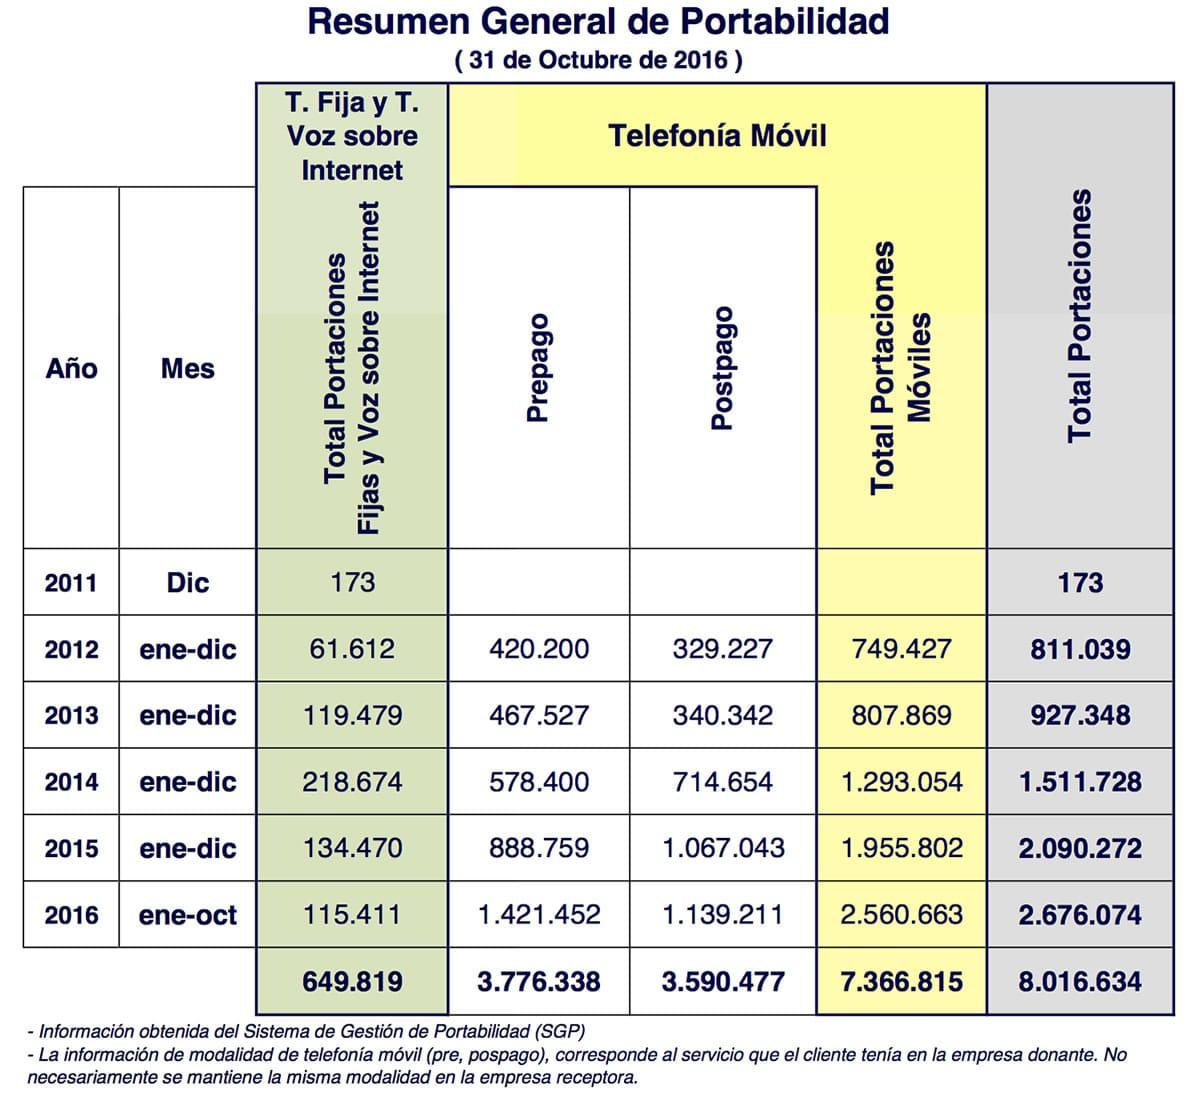 Resumen General Portabilidad Octubre - 2016